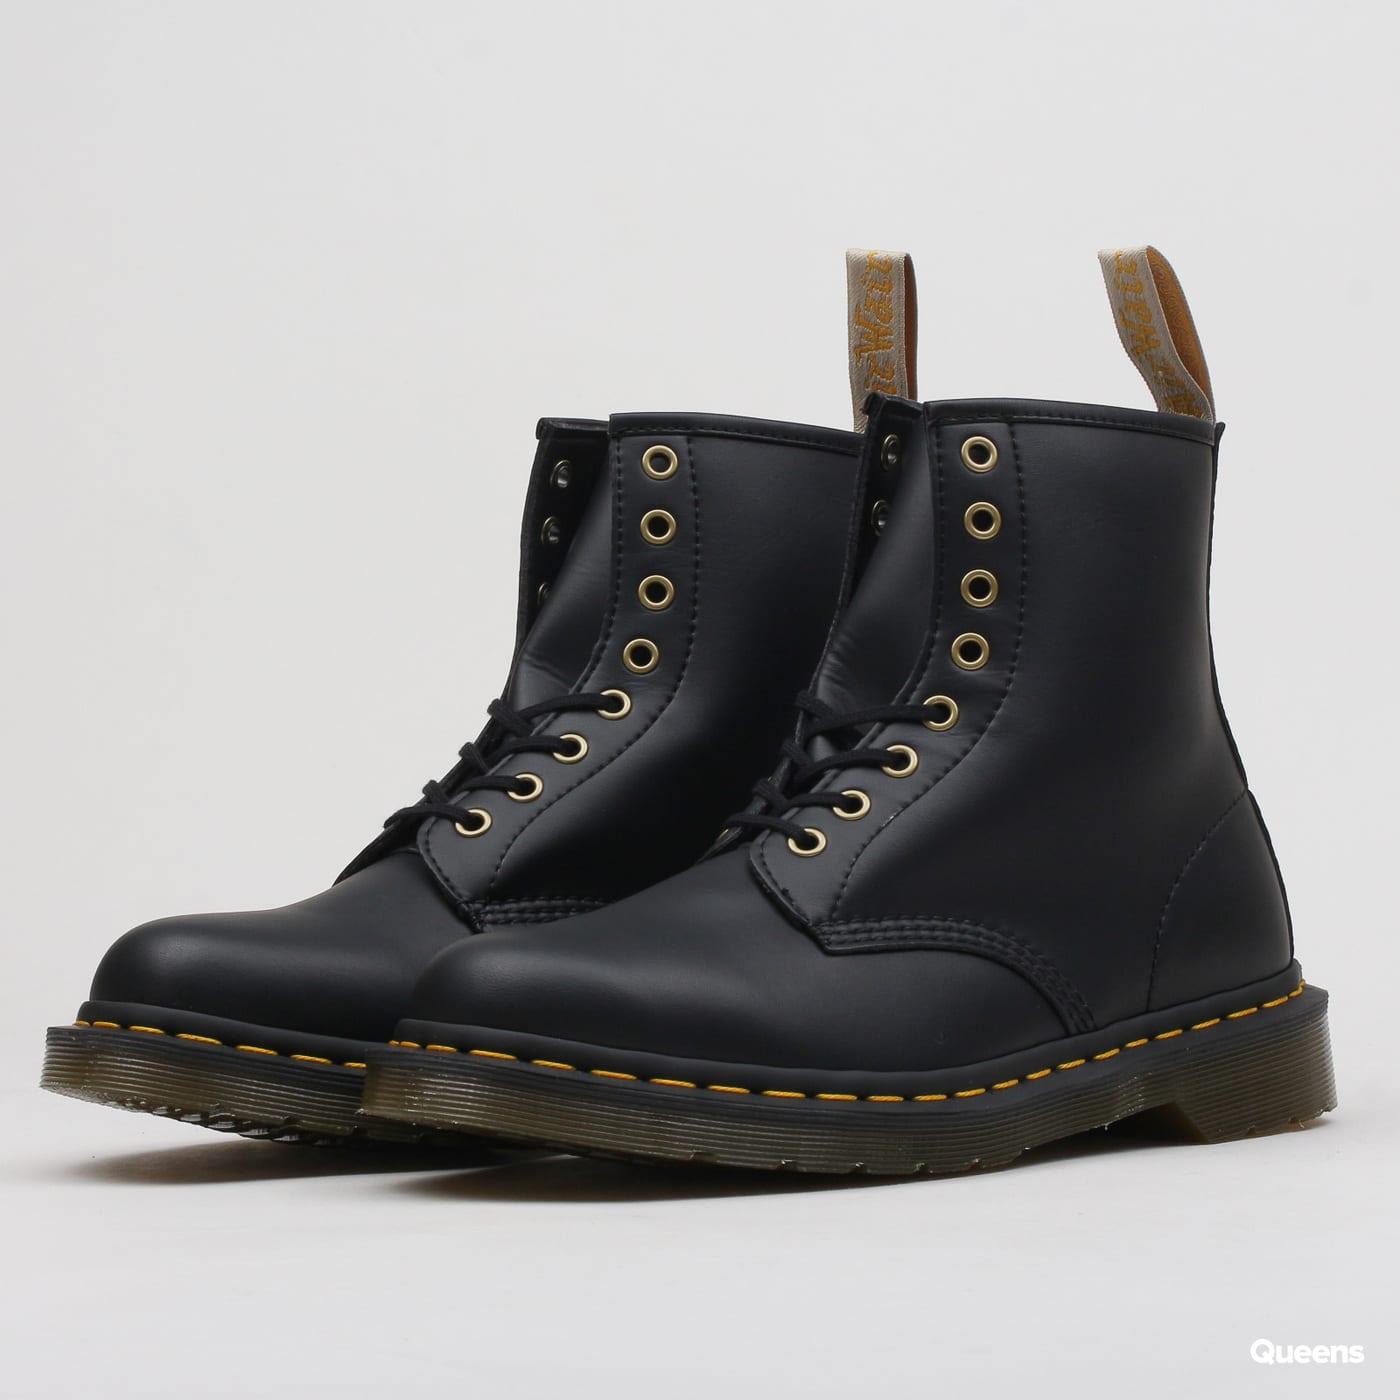 2283a3ffb4d1c Pánska zimná obuv Dr. Martens Vegan 1460 black felix rub off (DM14045001) –  Queens 💚